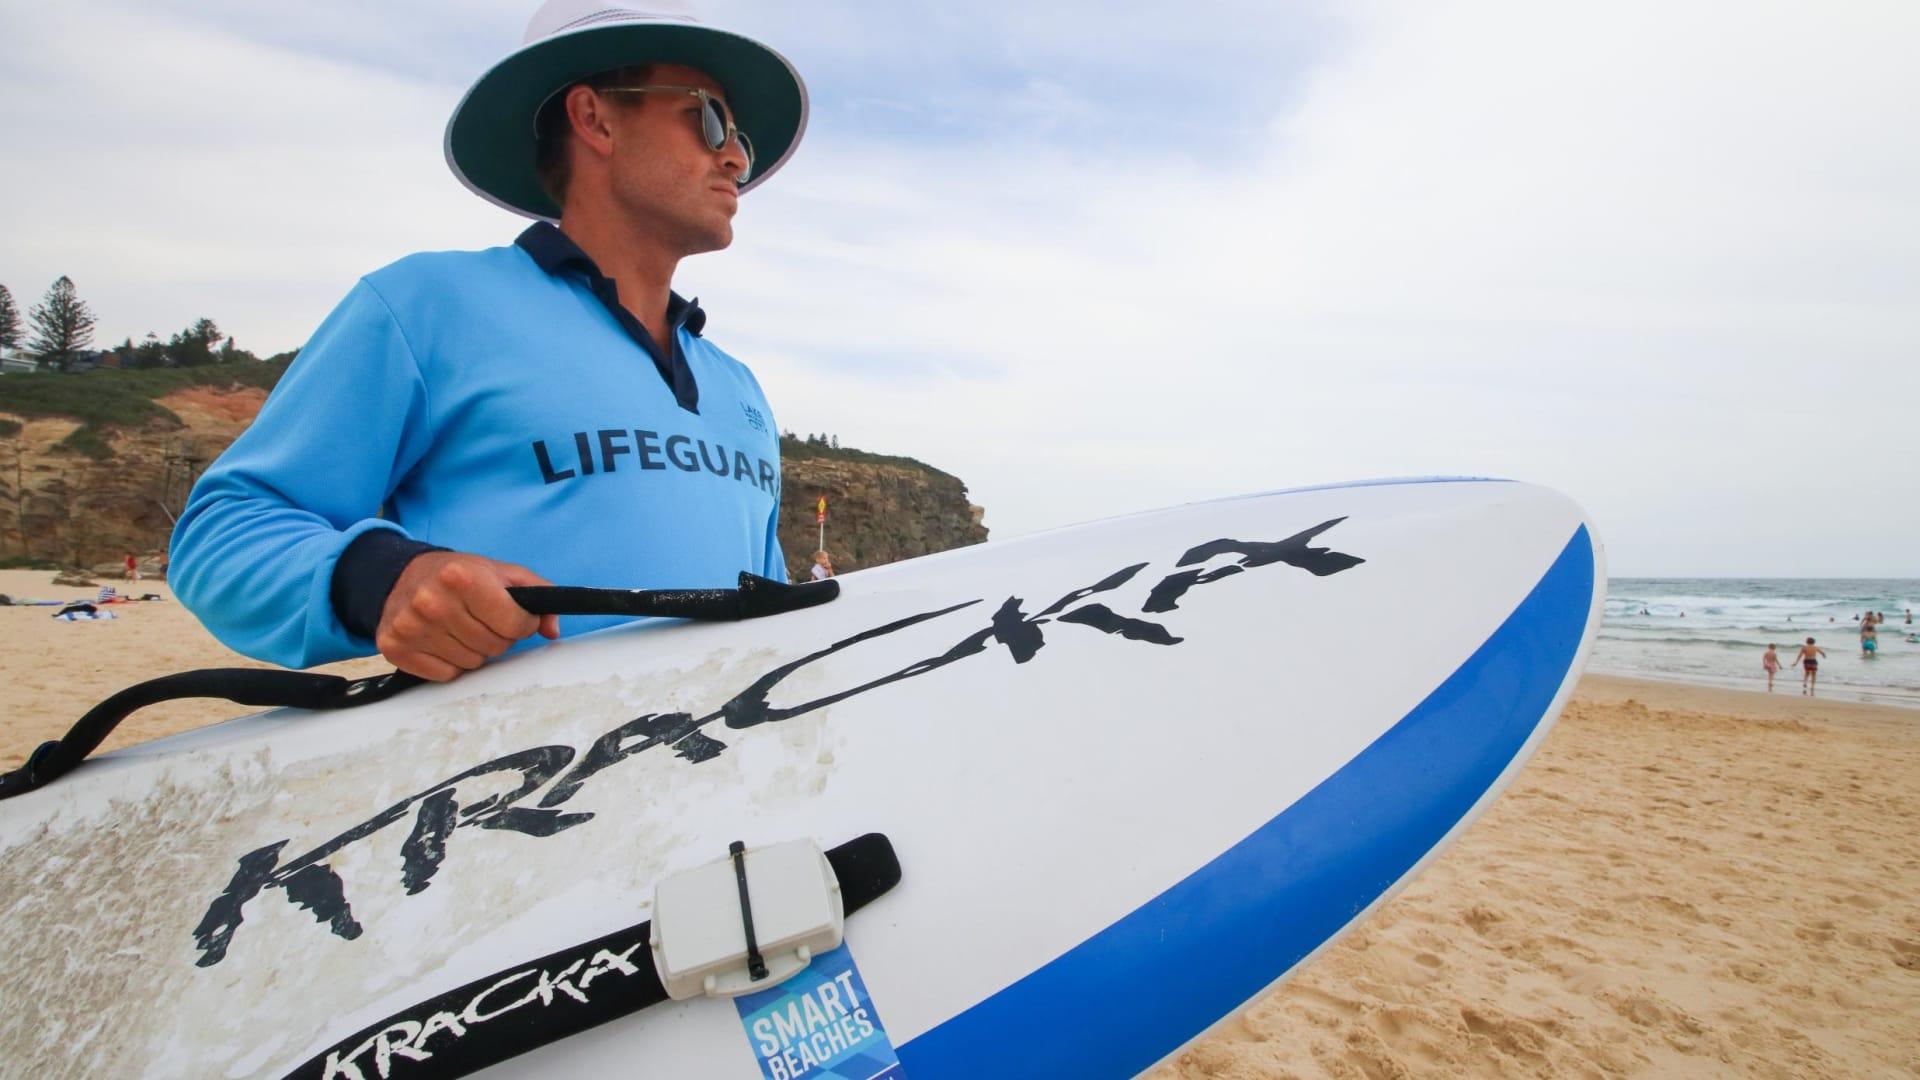 هل تصبح الشواطئ أكثر أماناً في عهدة نظم الإنقاذ بتقينة الذكاء الاصطناعي؟